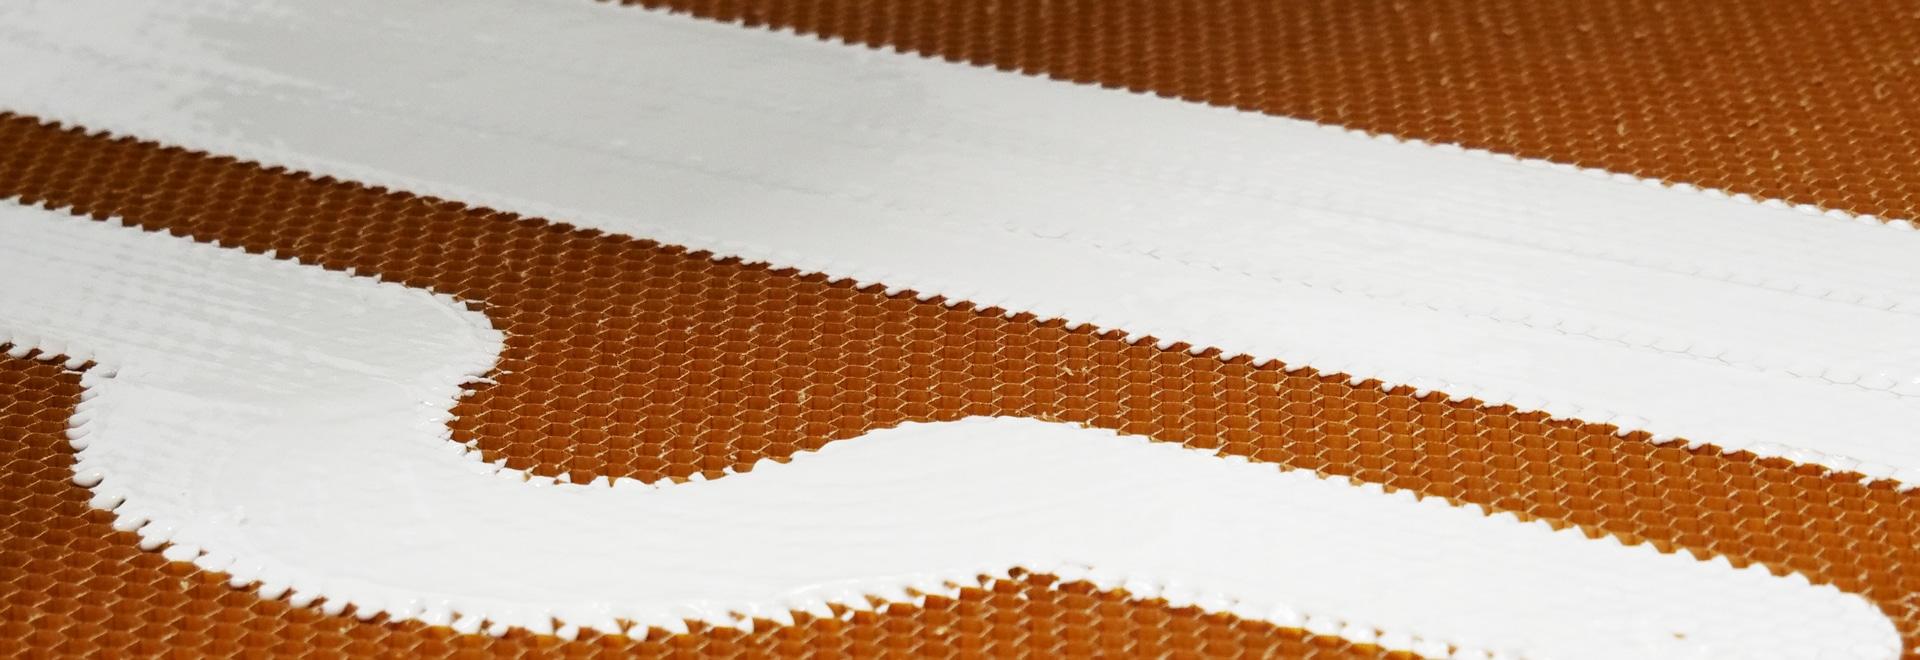 Aplicación de encapsulado de nido de abeja - resultados de las pruebas de dispensación con la tecnología de dispensación ViscoTec